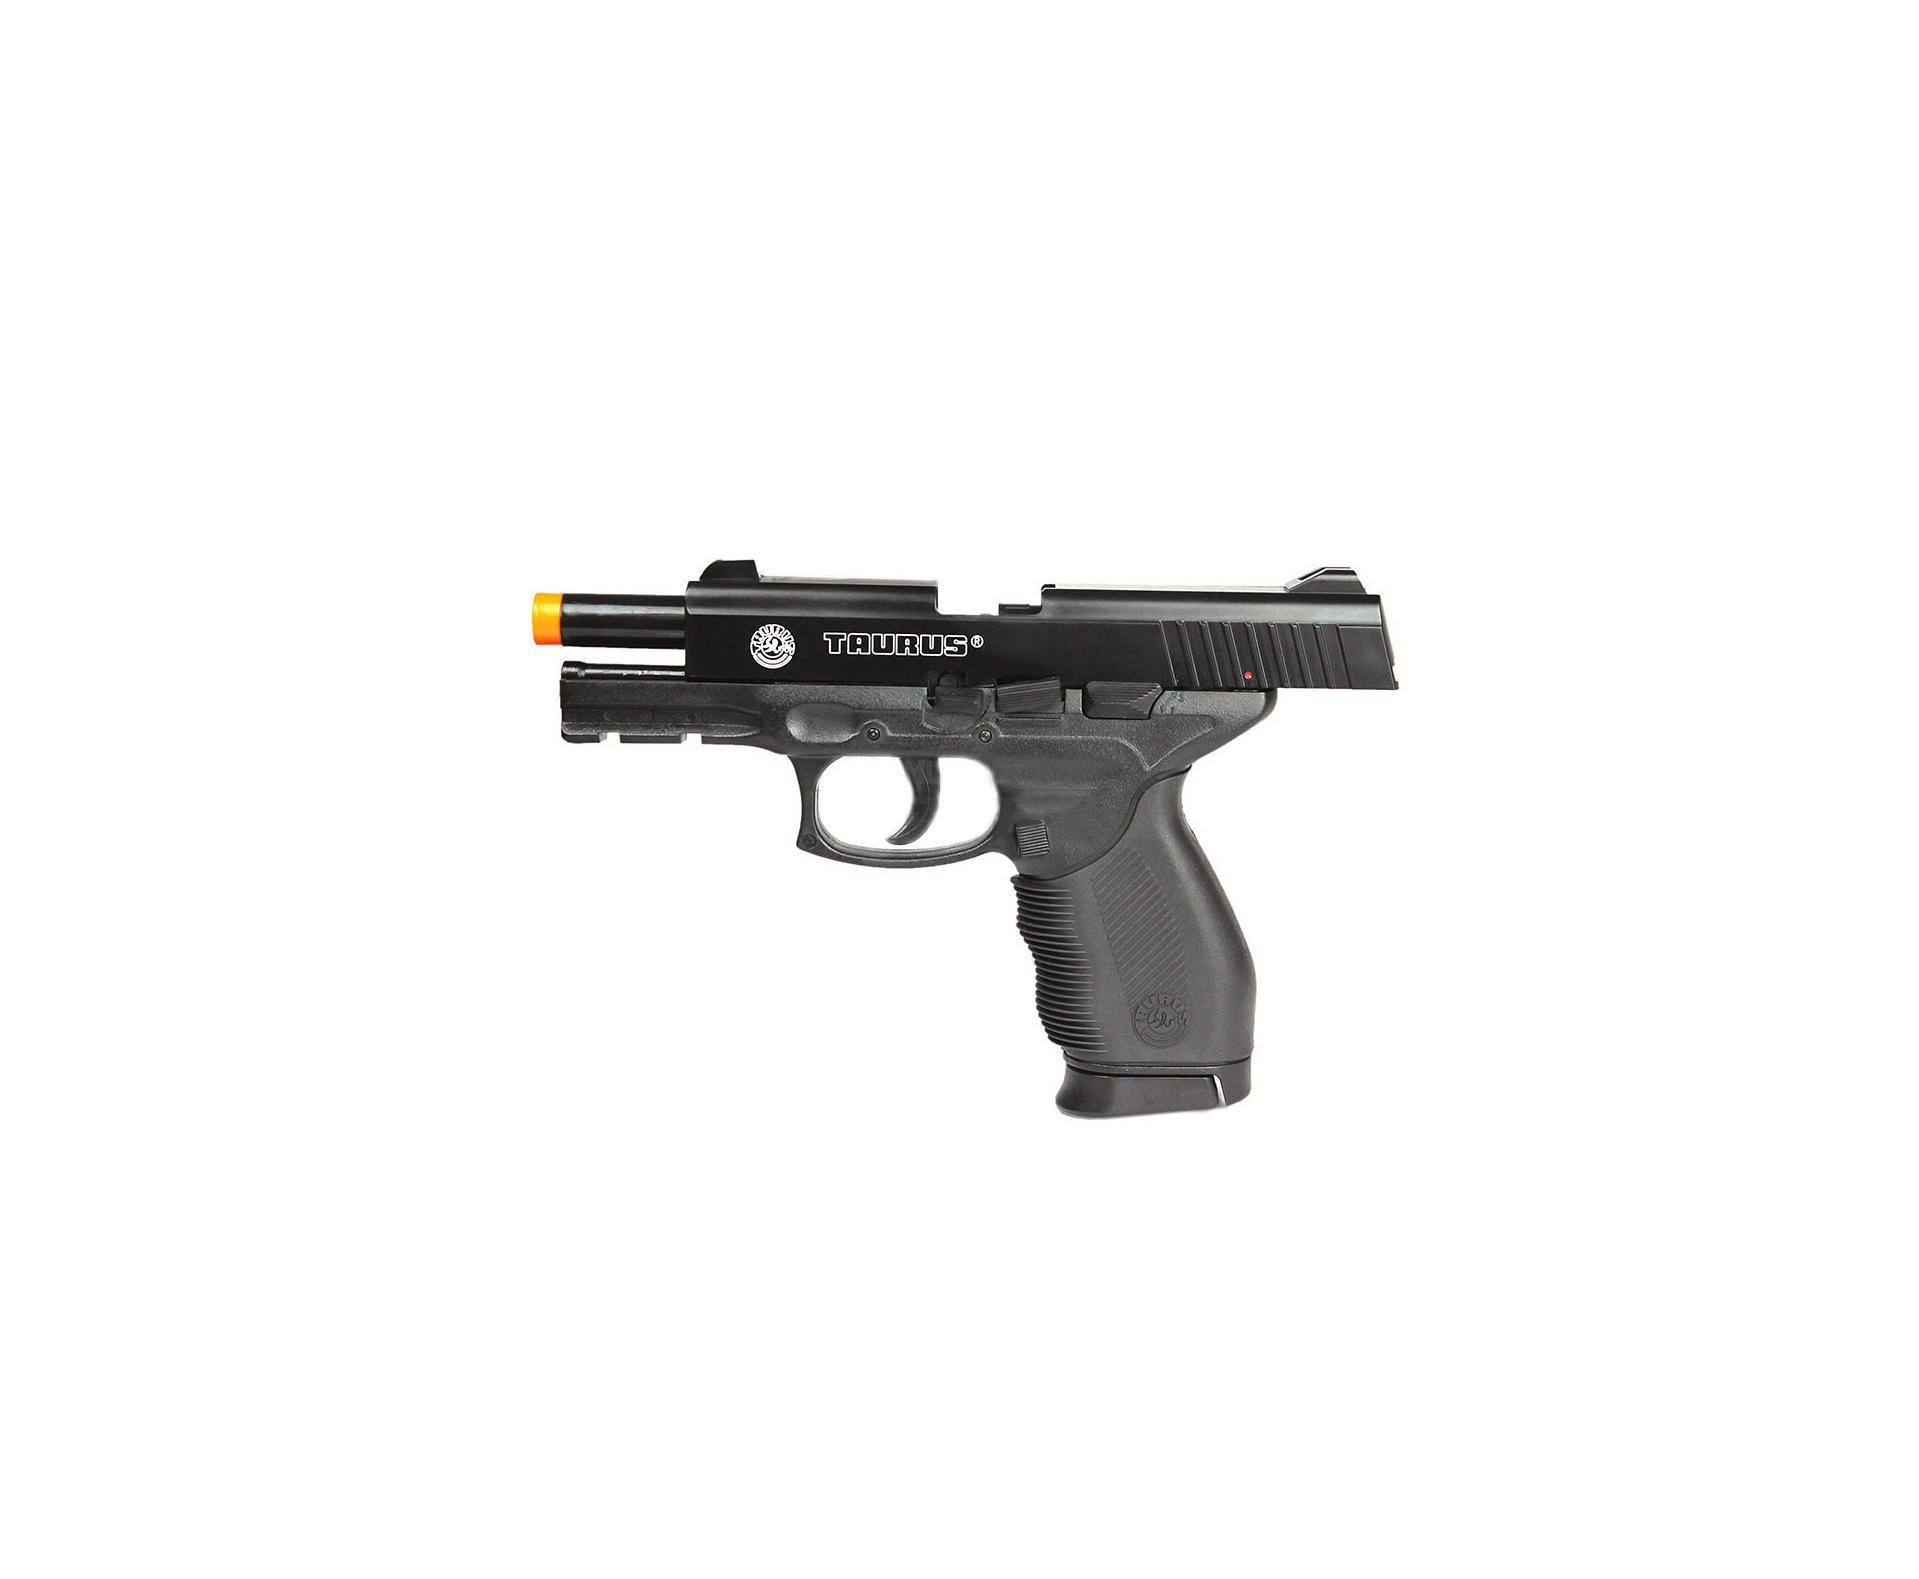 Pistola De Airsoft Taurus Pt 24/7 Semi/metal Cal 6,0 Mm - Cybergun